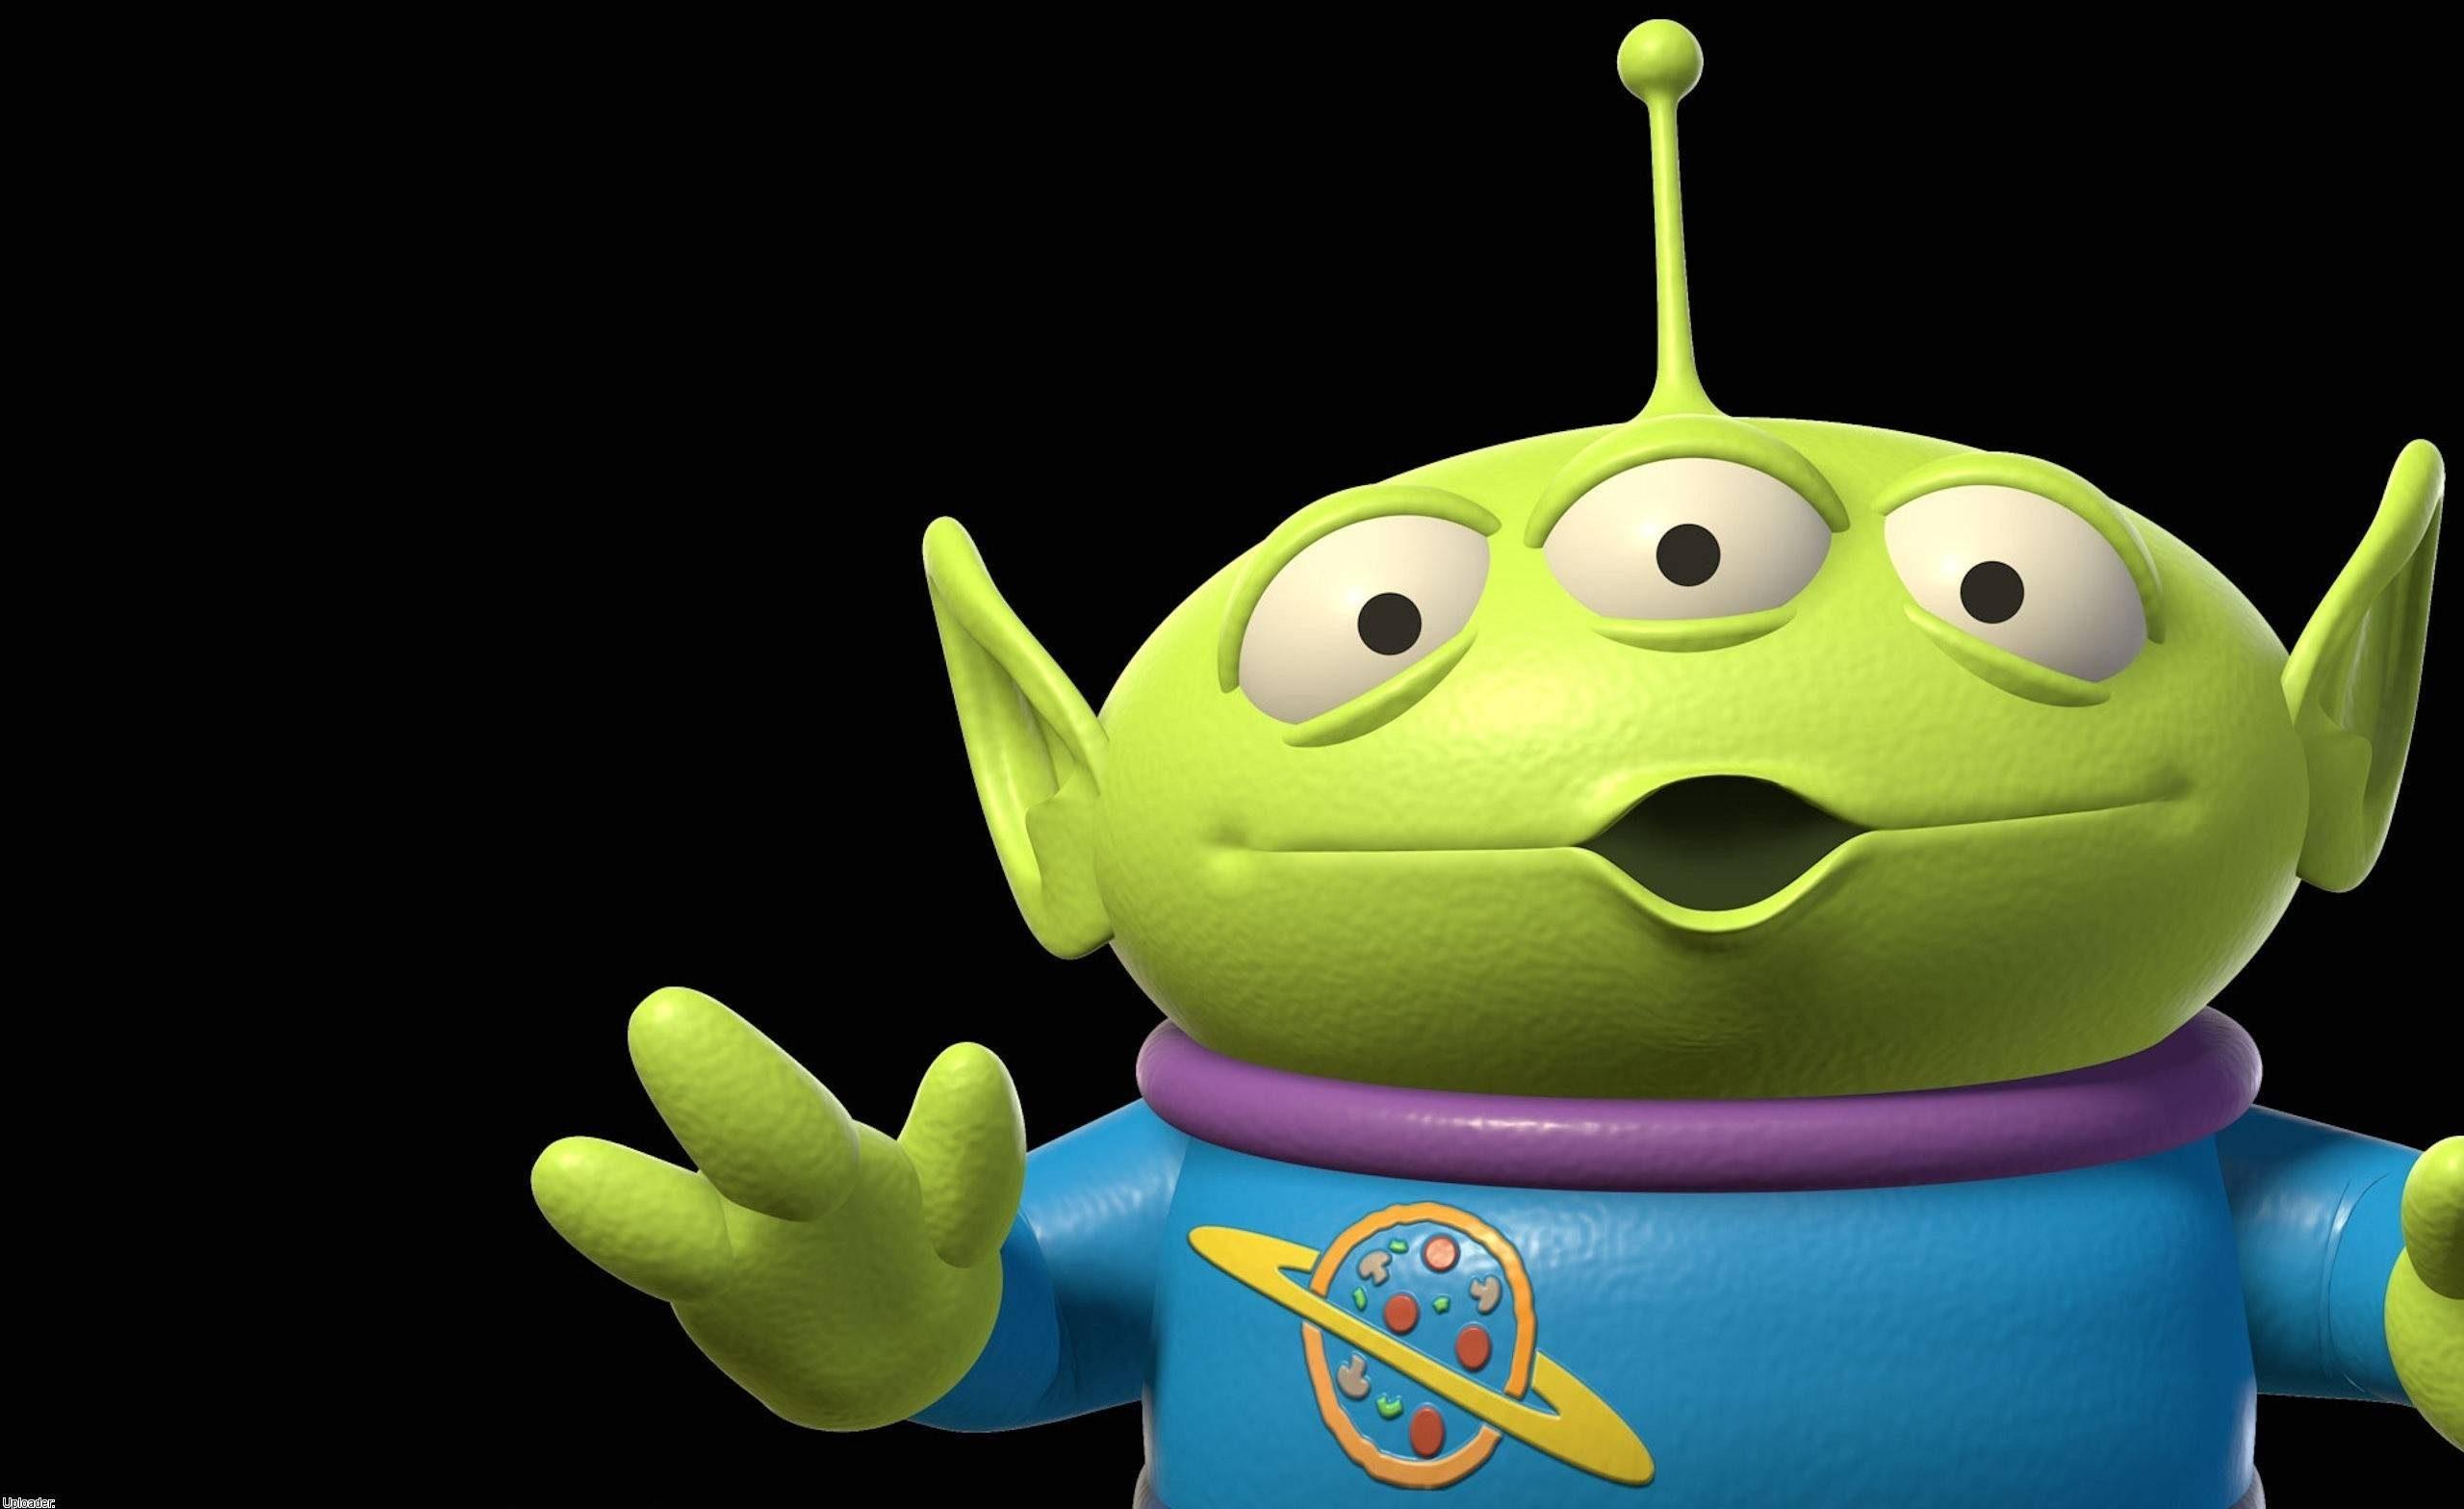 Зелёный человек и зелёные инопланетяне: история мифического образа 19